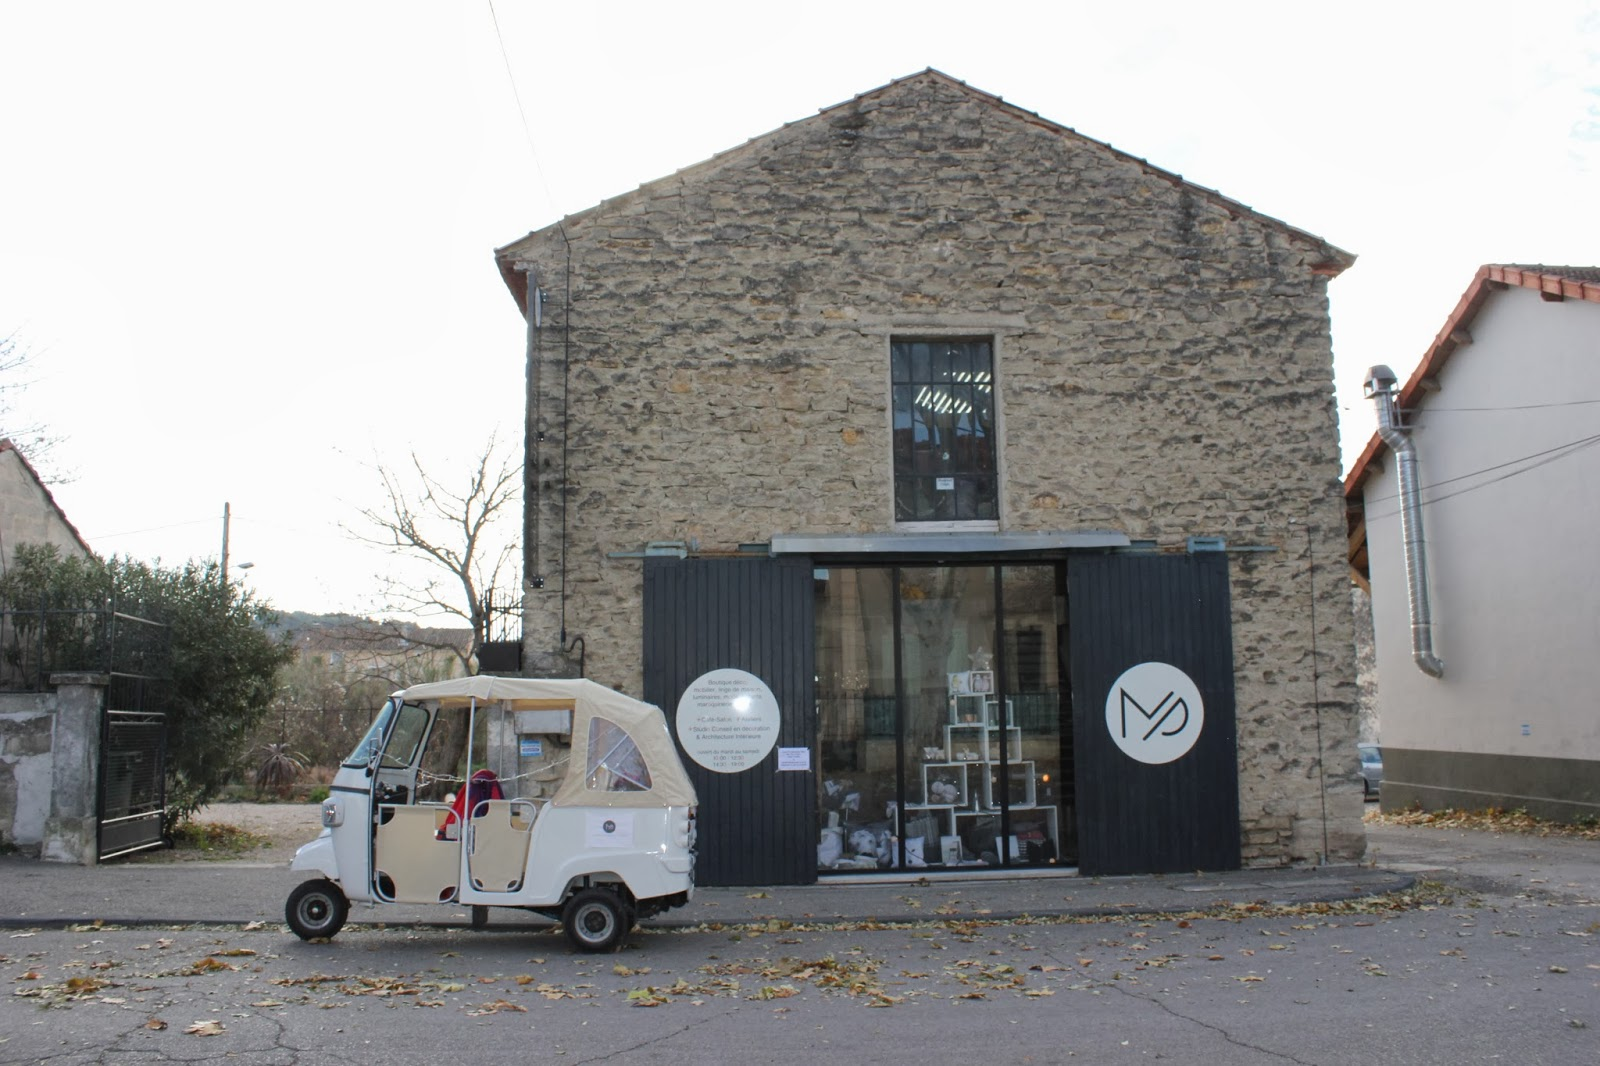 atelier rue verte le blog j 39 ai fait un d tour par la maison pernoise. Black Bedroom Furniture Sets. Home Design Ideas